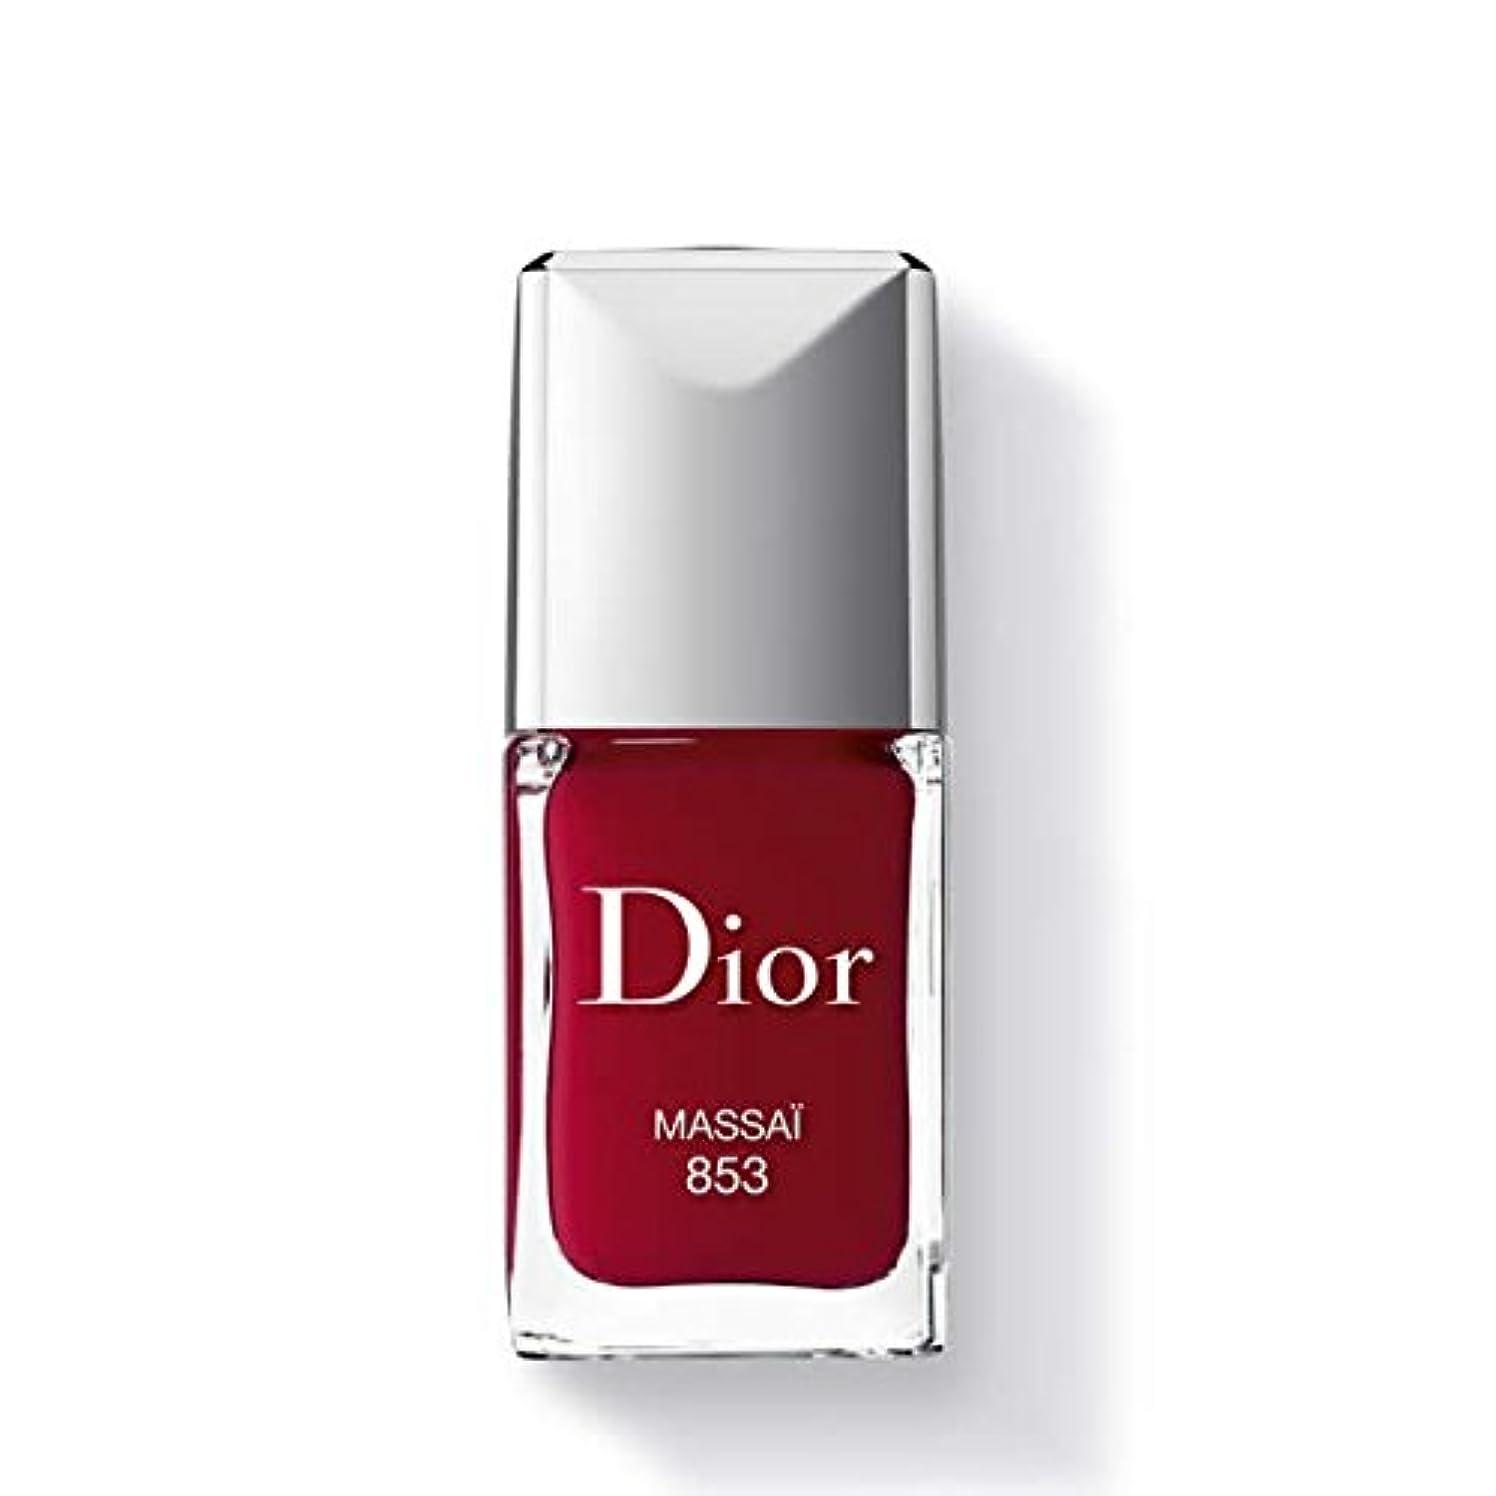 誠意壊れた腐敗Dior ディオールヴェルニ #853 マサイ 10ml [207997] [並行輸入品]